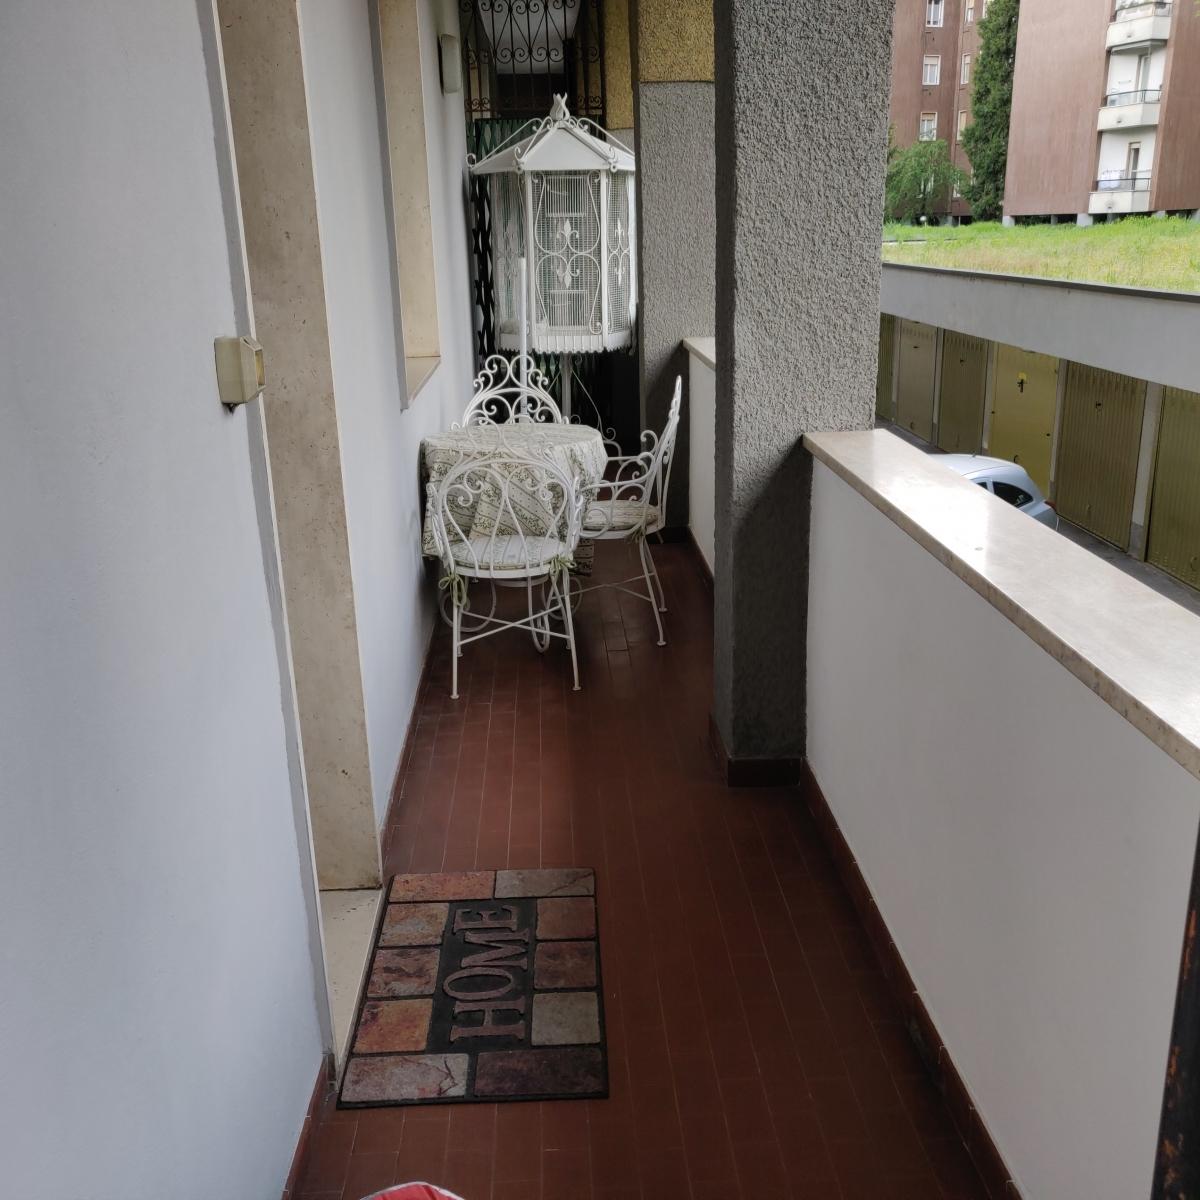 appartamento-in-vendita-baggio-via-gianella-3-locali-spaziourbano-immobiliare-vende-5